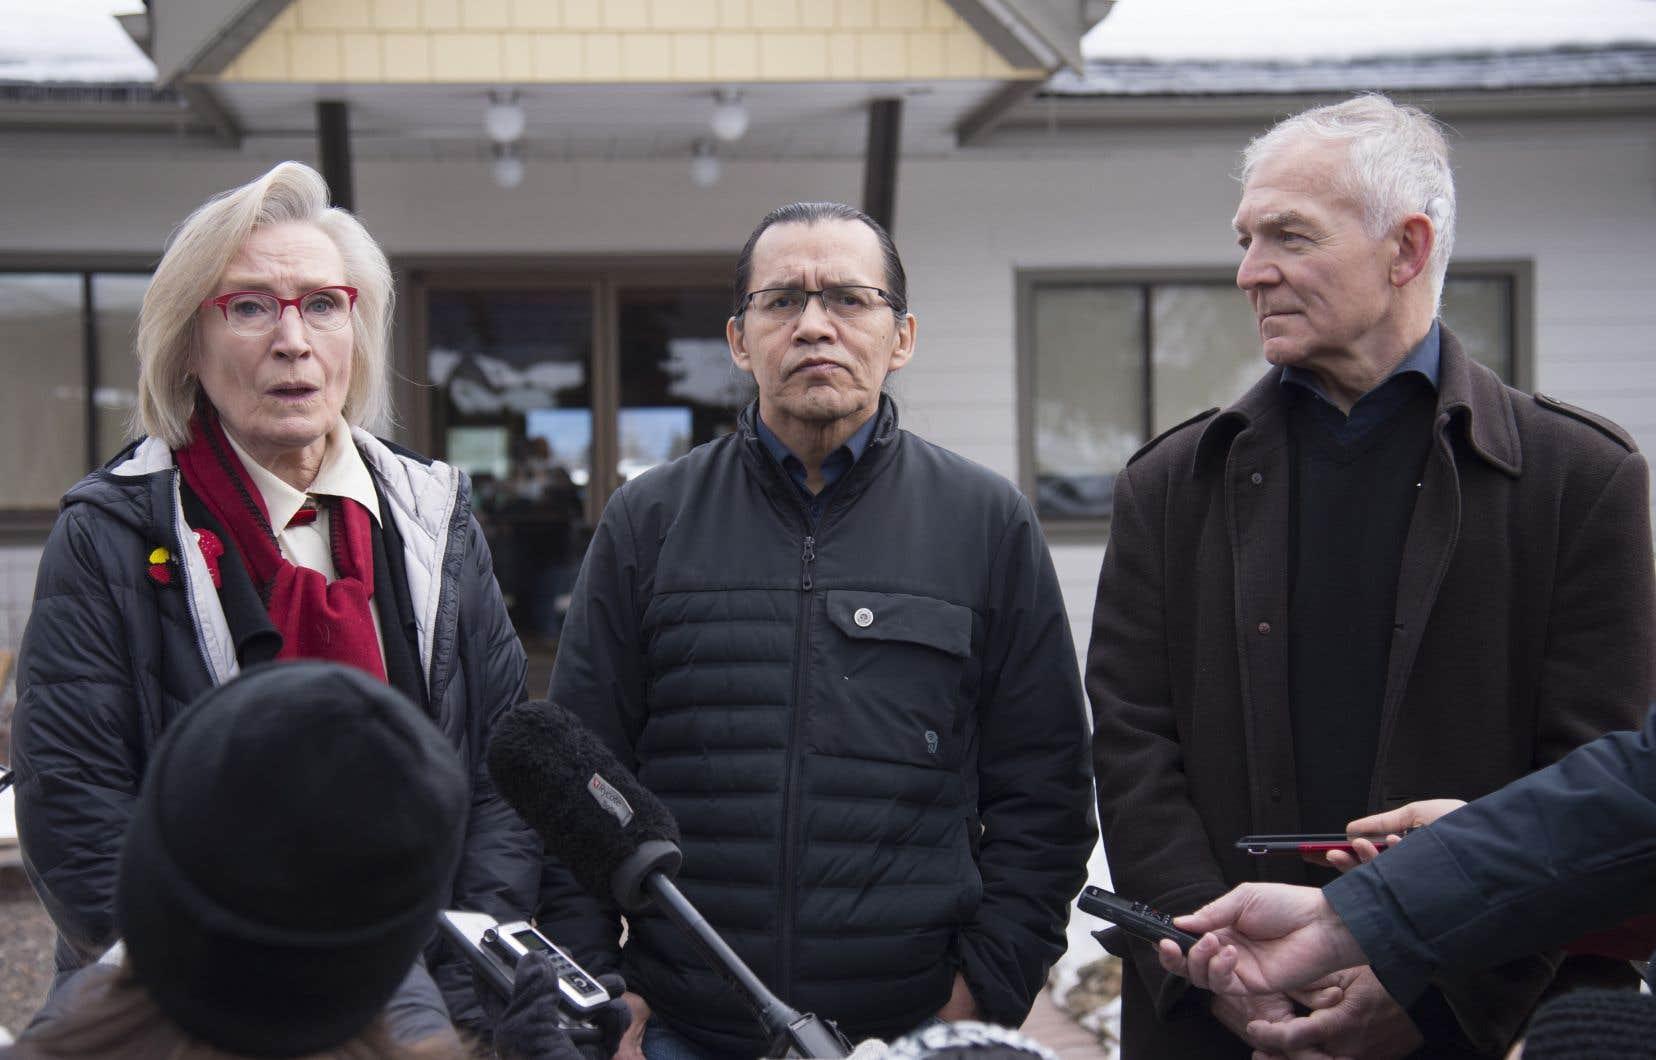 <p>Sur la photo, la ministre fédérale des Relations Couronne-Autochtones Carolyn Bennett (à gauche), le chef héréditaire wet'suwet'en Woos (au centre) et le ministre des Relations avec les Autochtones de la Colombie-Britannique Scott Fraser (à droite)</p>